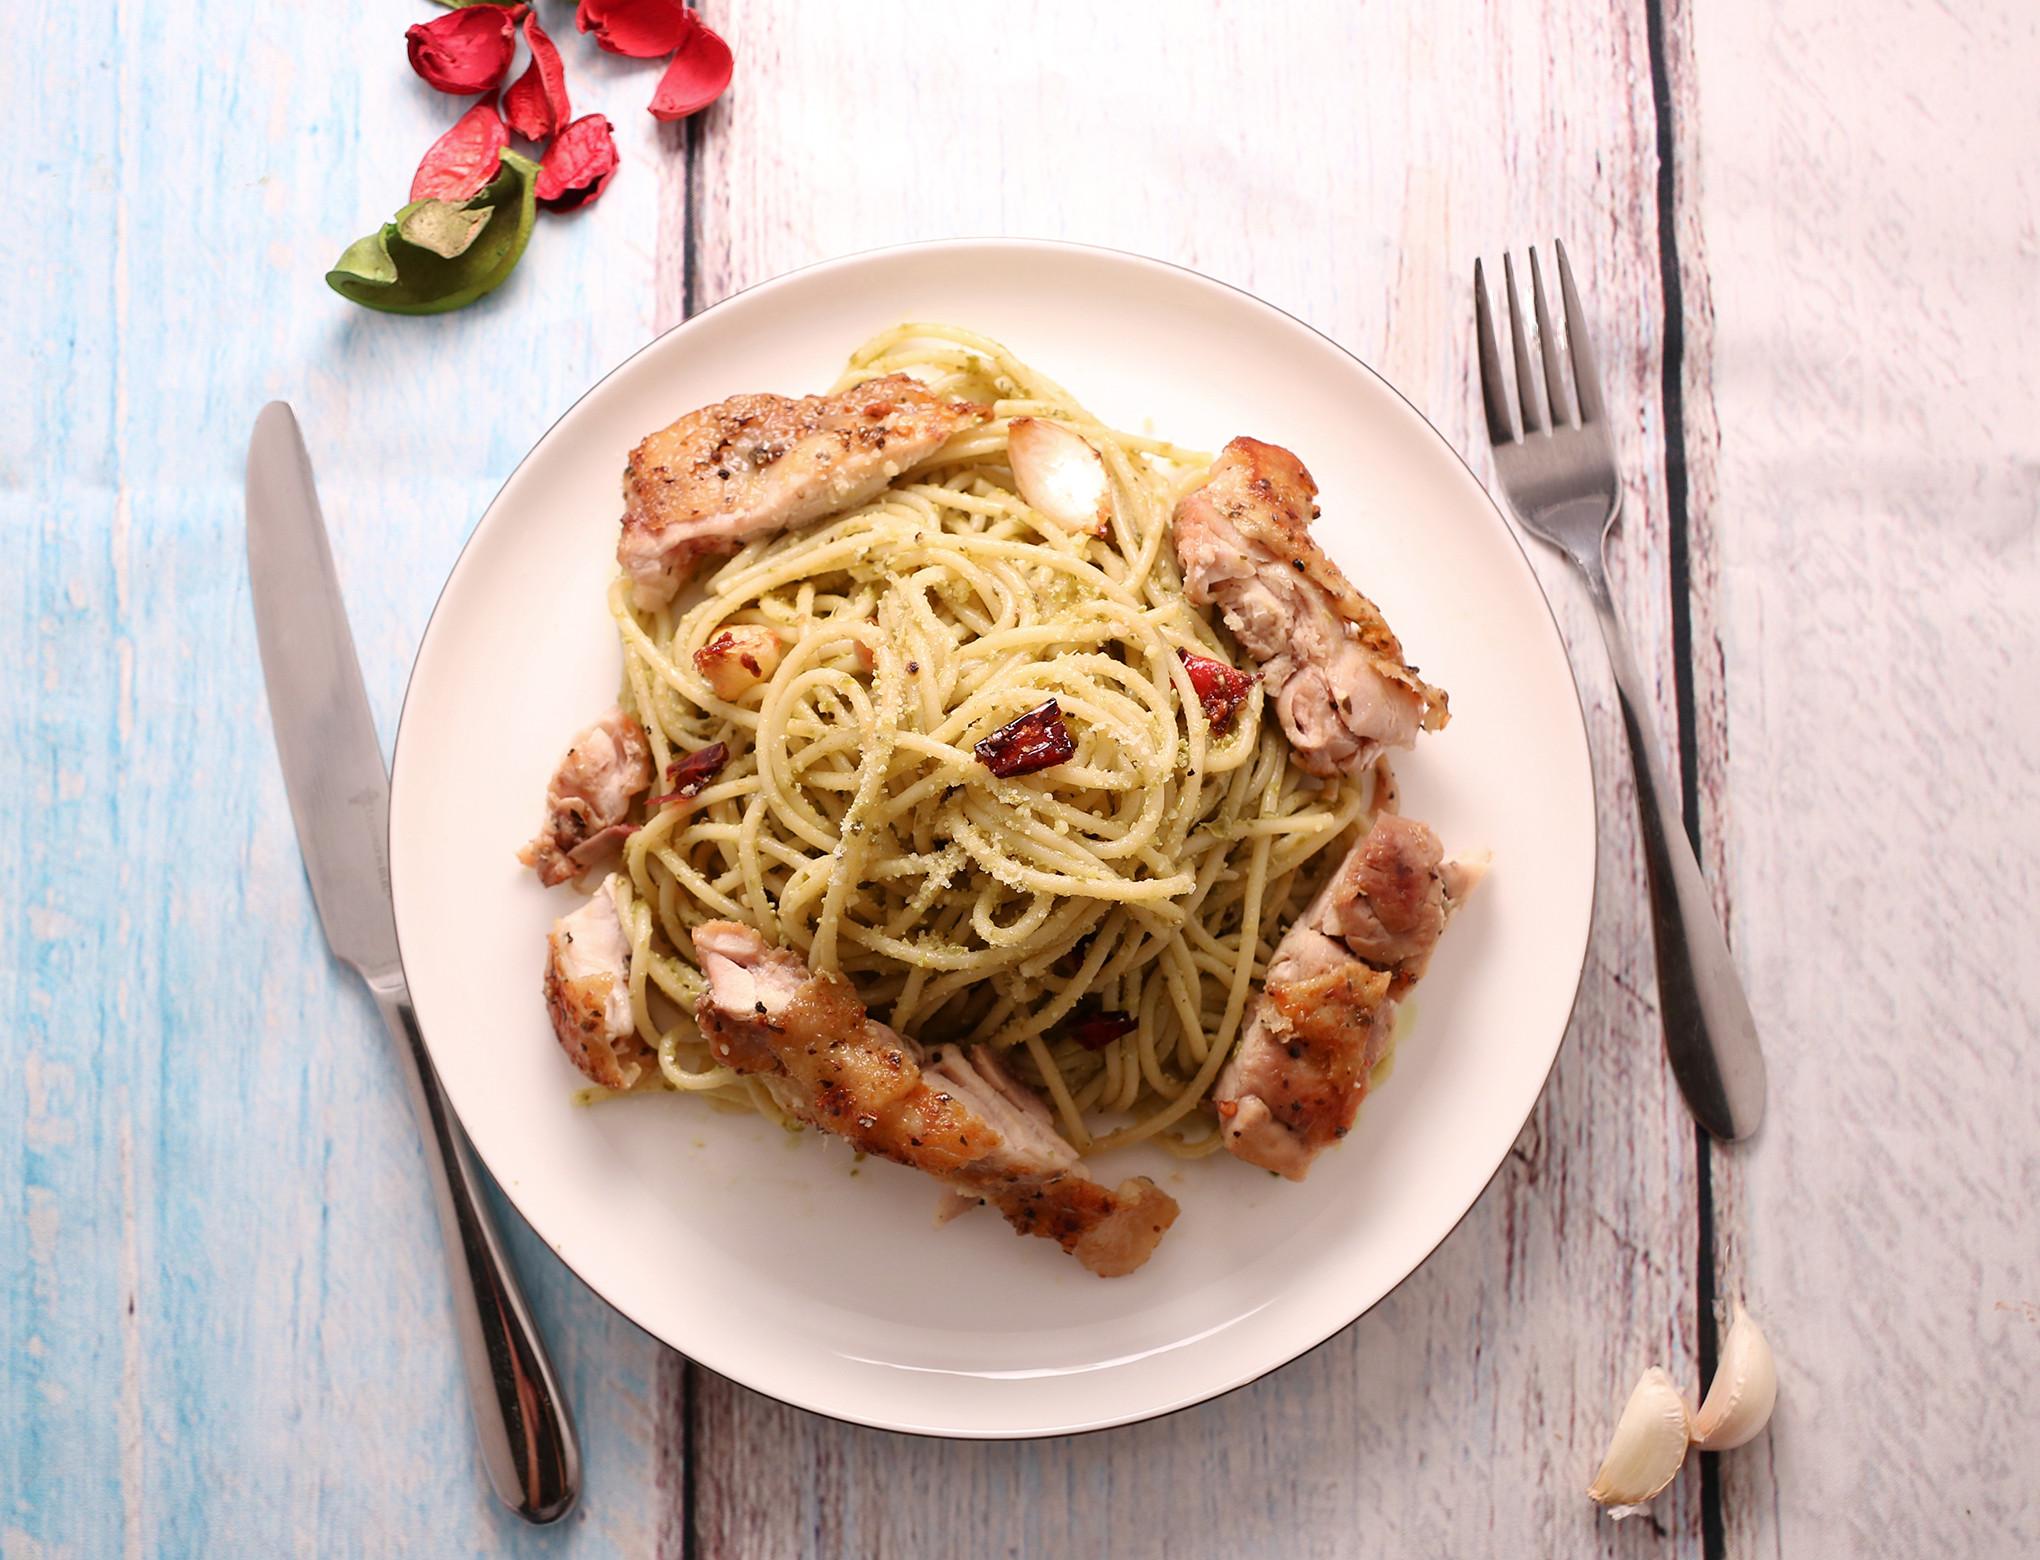 青醬義大利麵與義式香料雞腿排